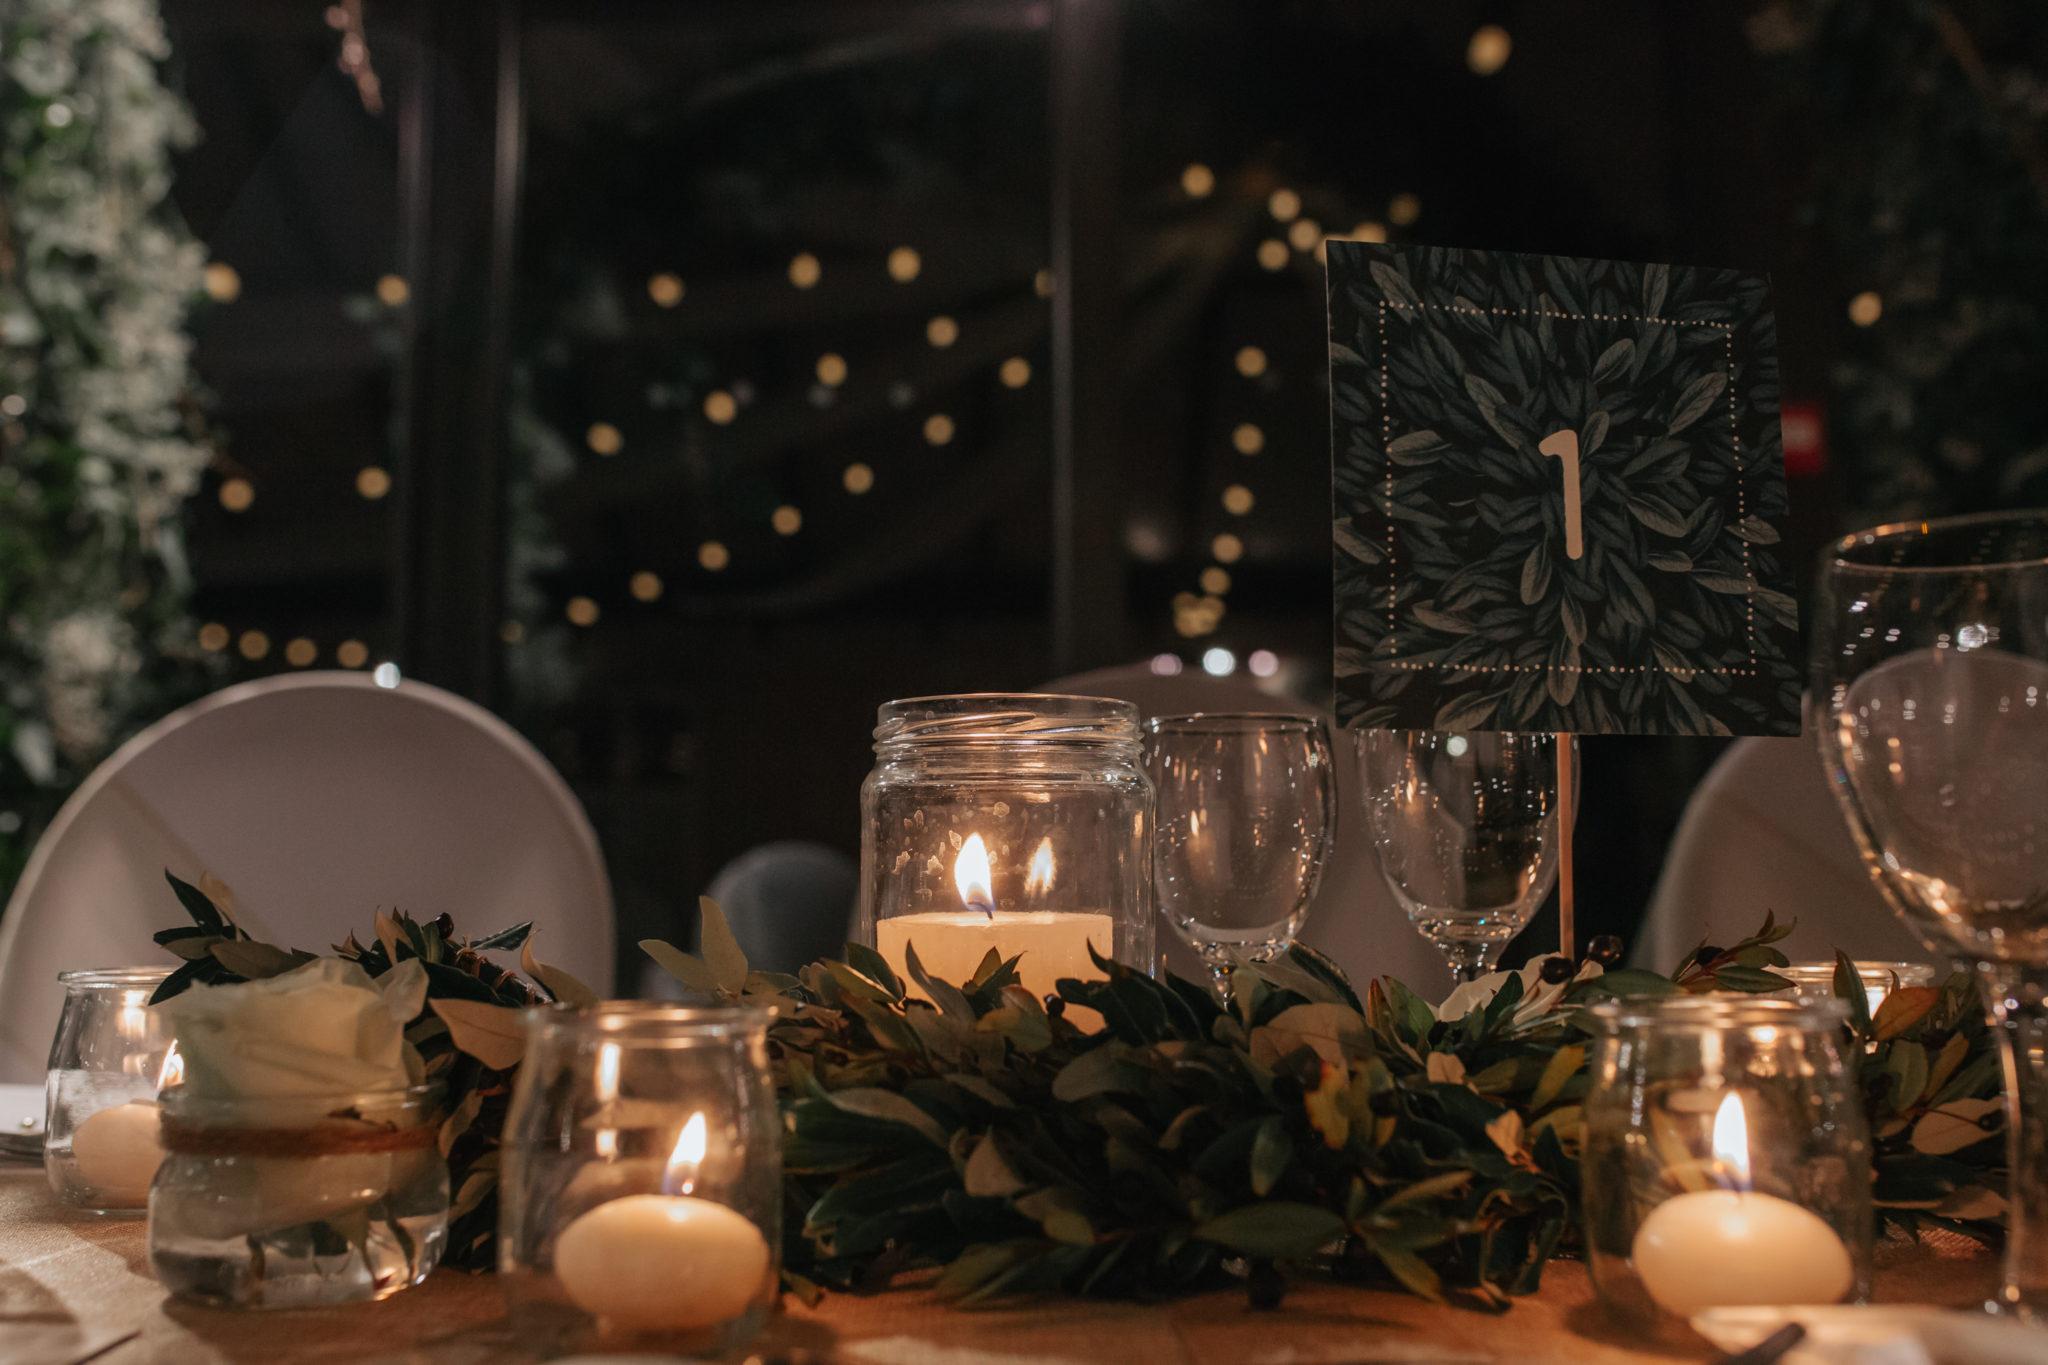 Décoration table dîner toile jute kraft végétal eucalyptus Château de Naours mariage hiver Picardie Amiens